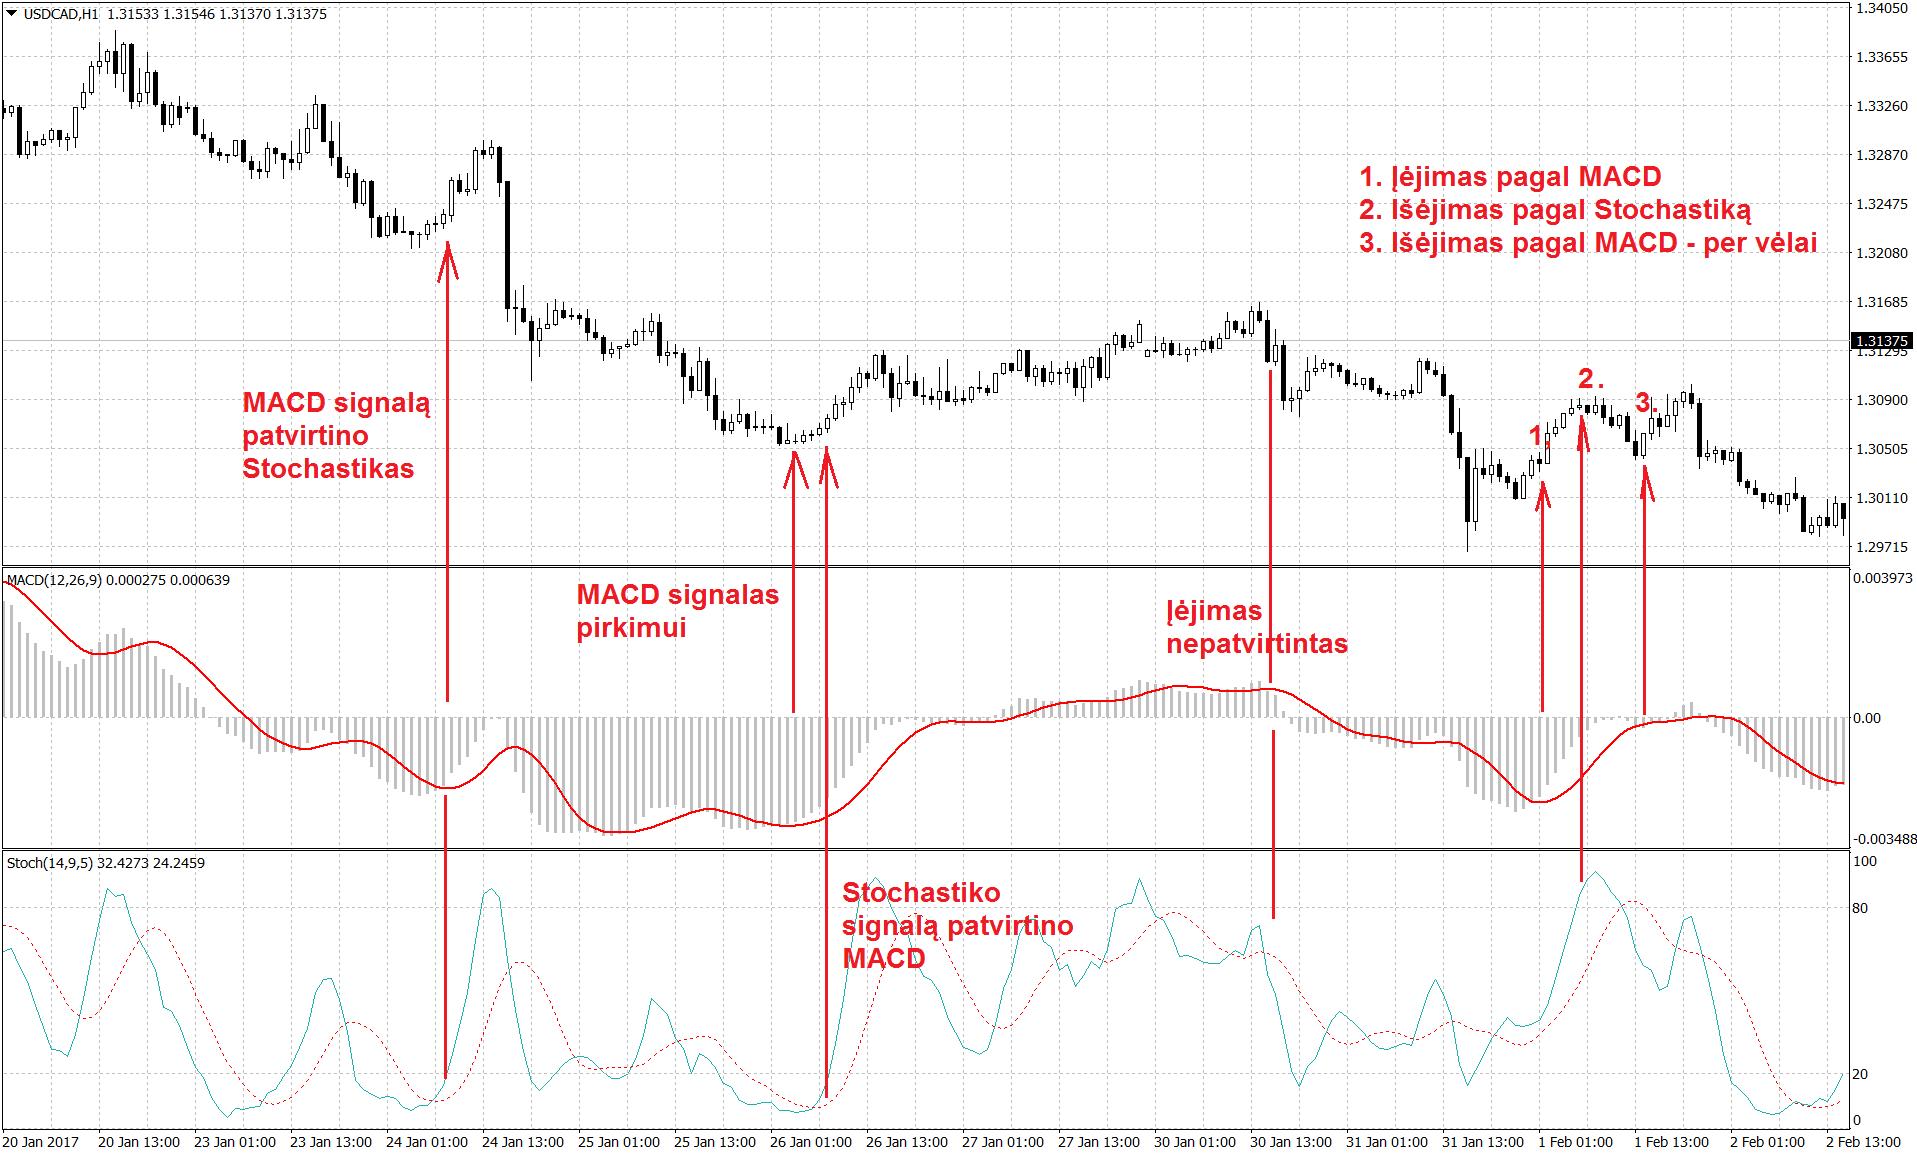 pasirinkimo sandorių kintamumas apibrėžti skatinamąsias akcijų pasirinkimo sandorius